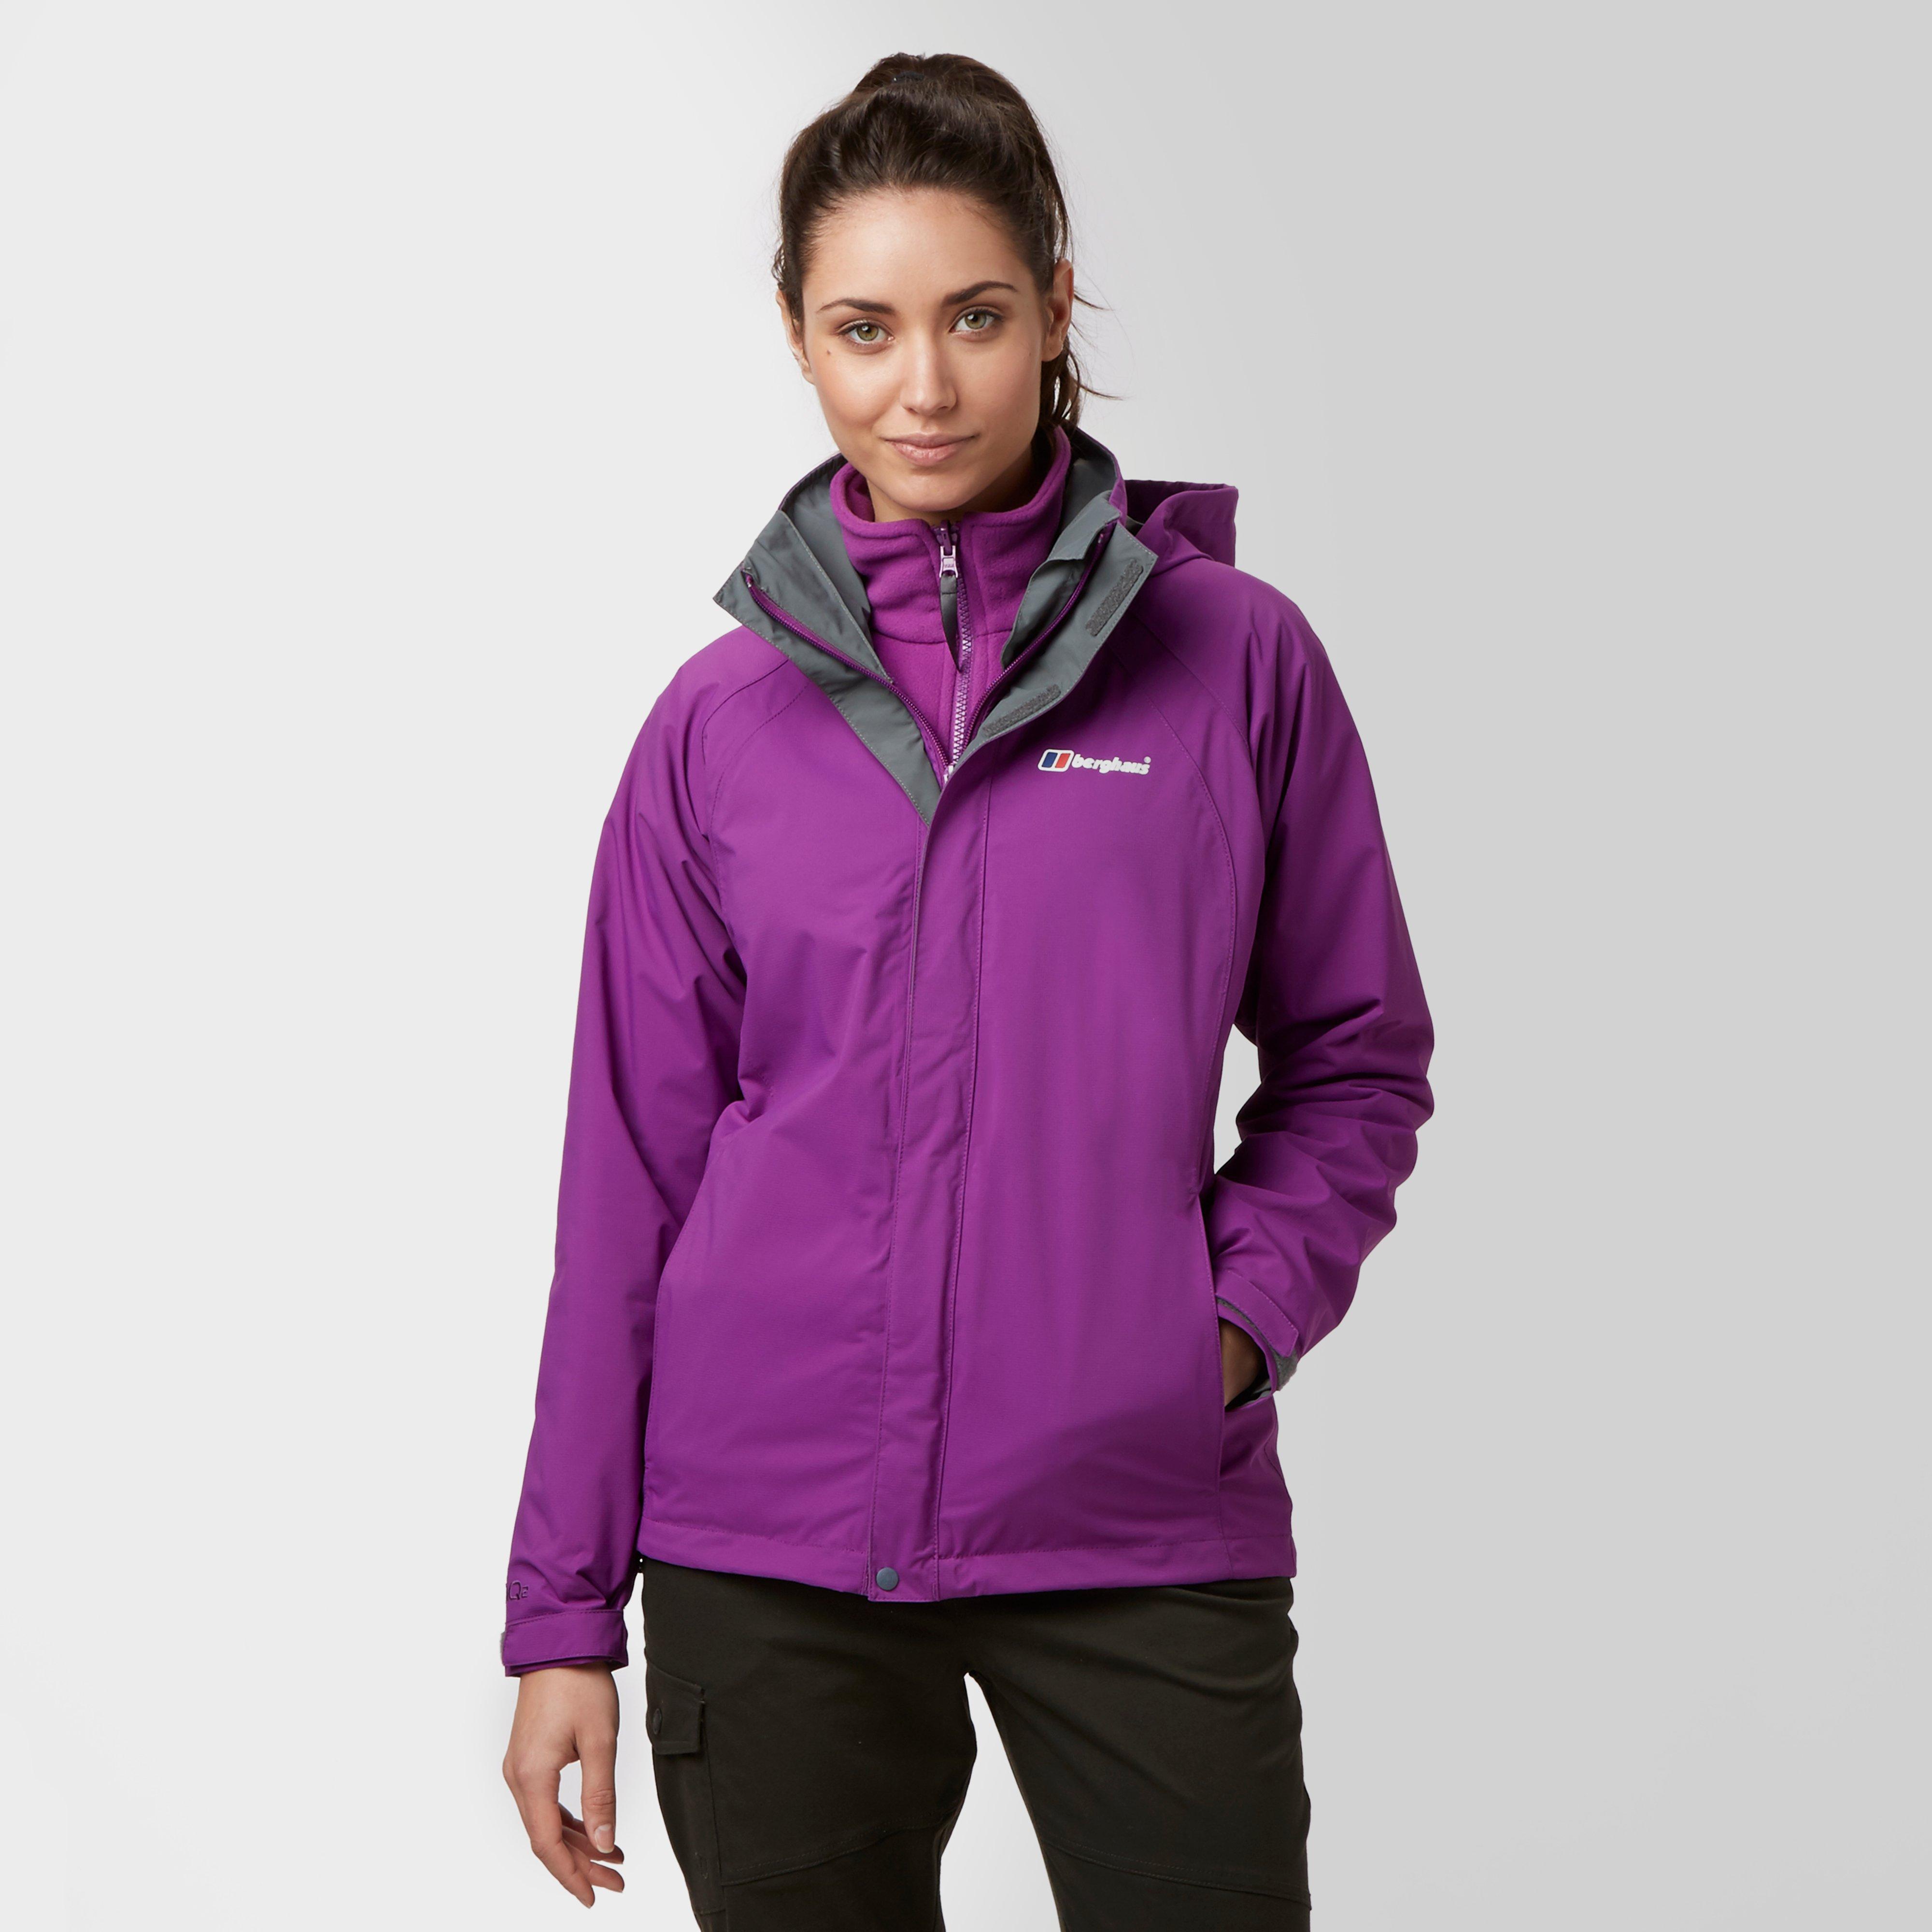 Berghaus jackets women